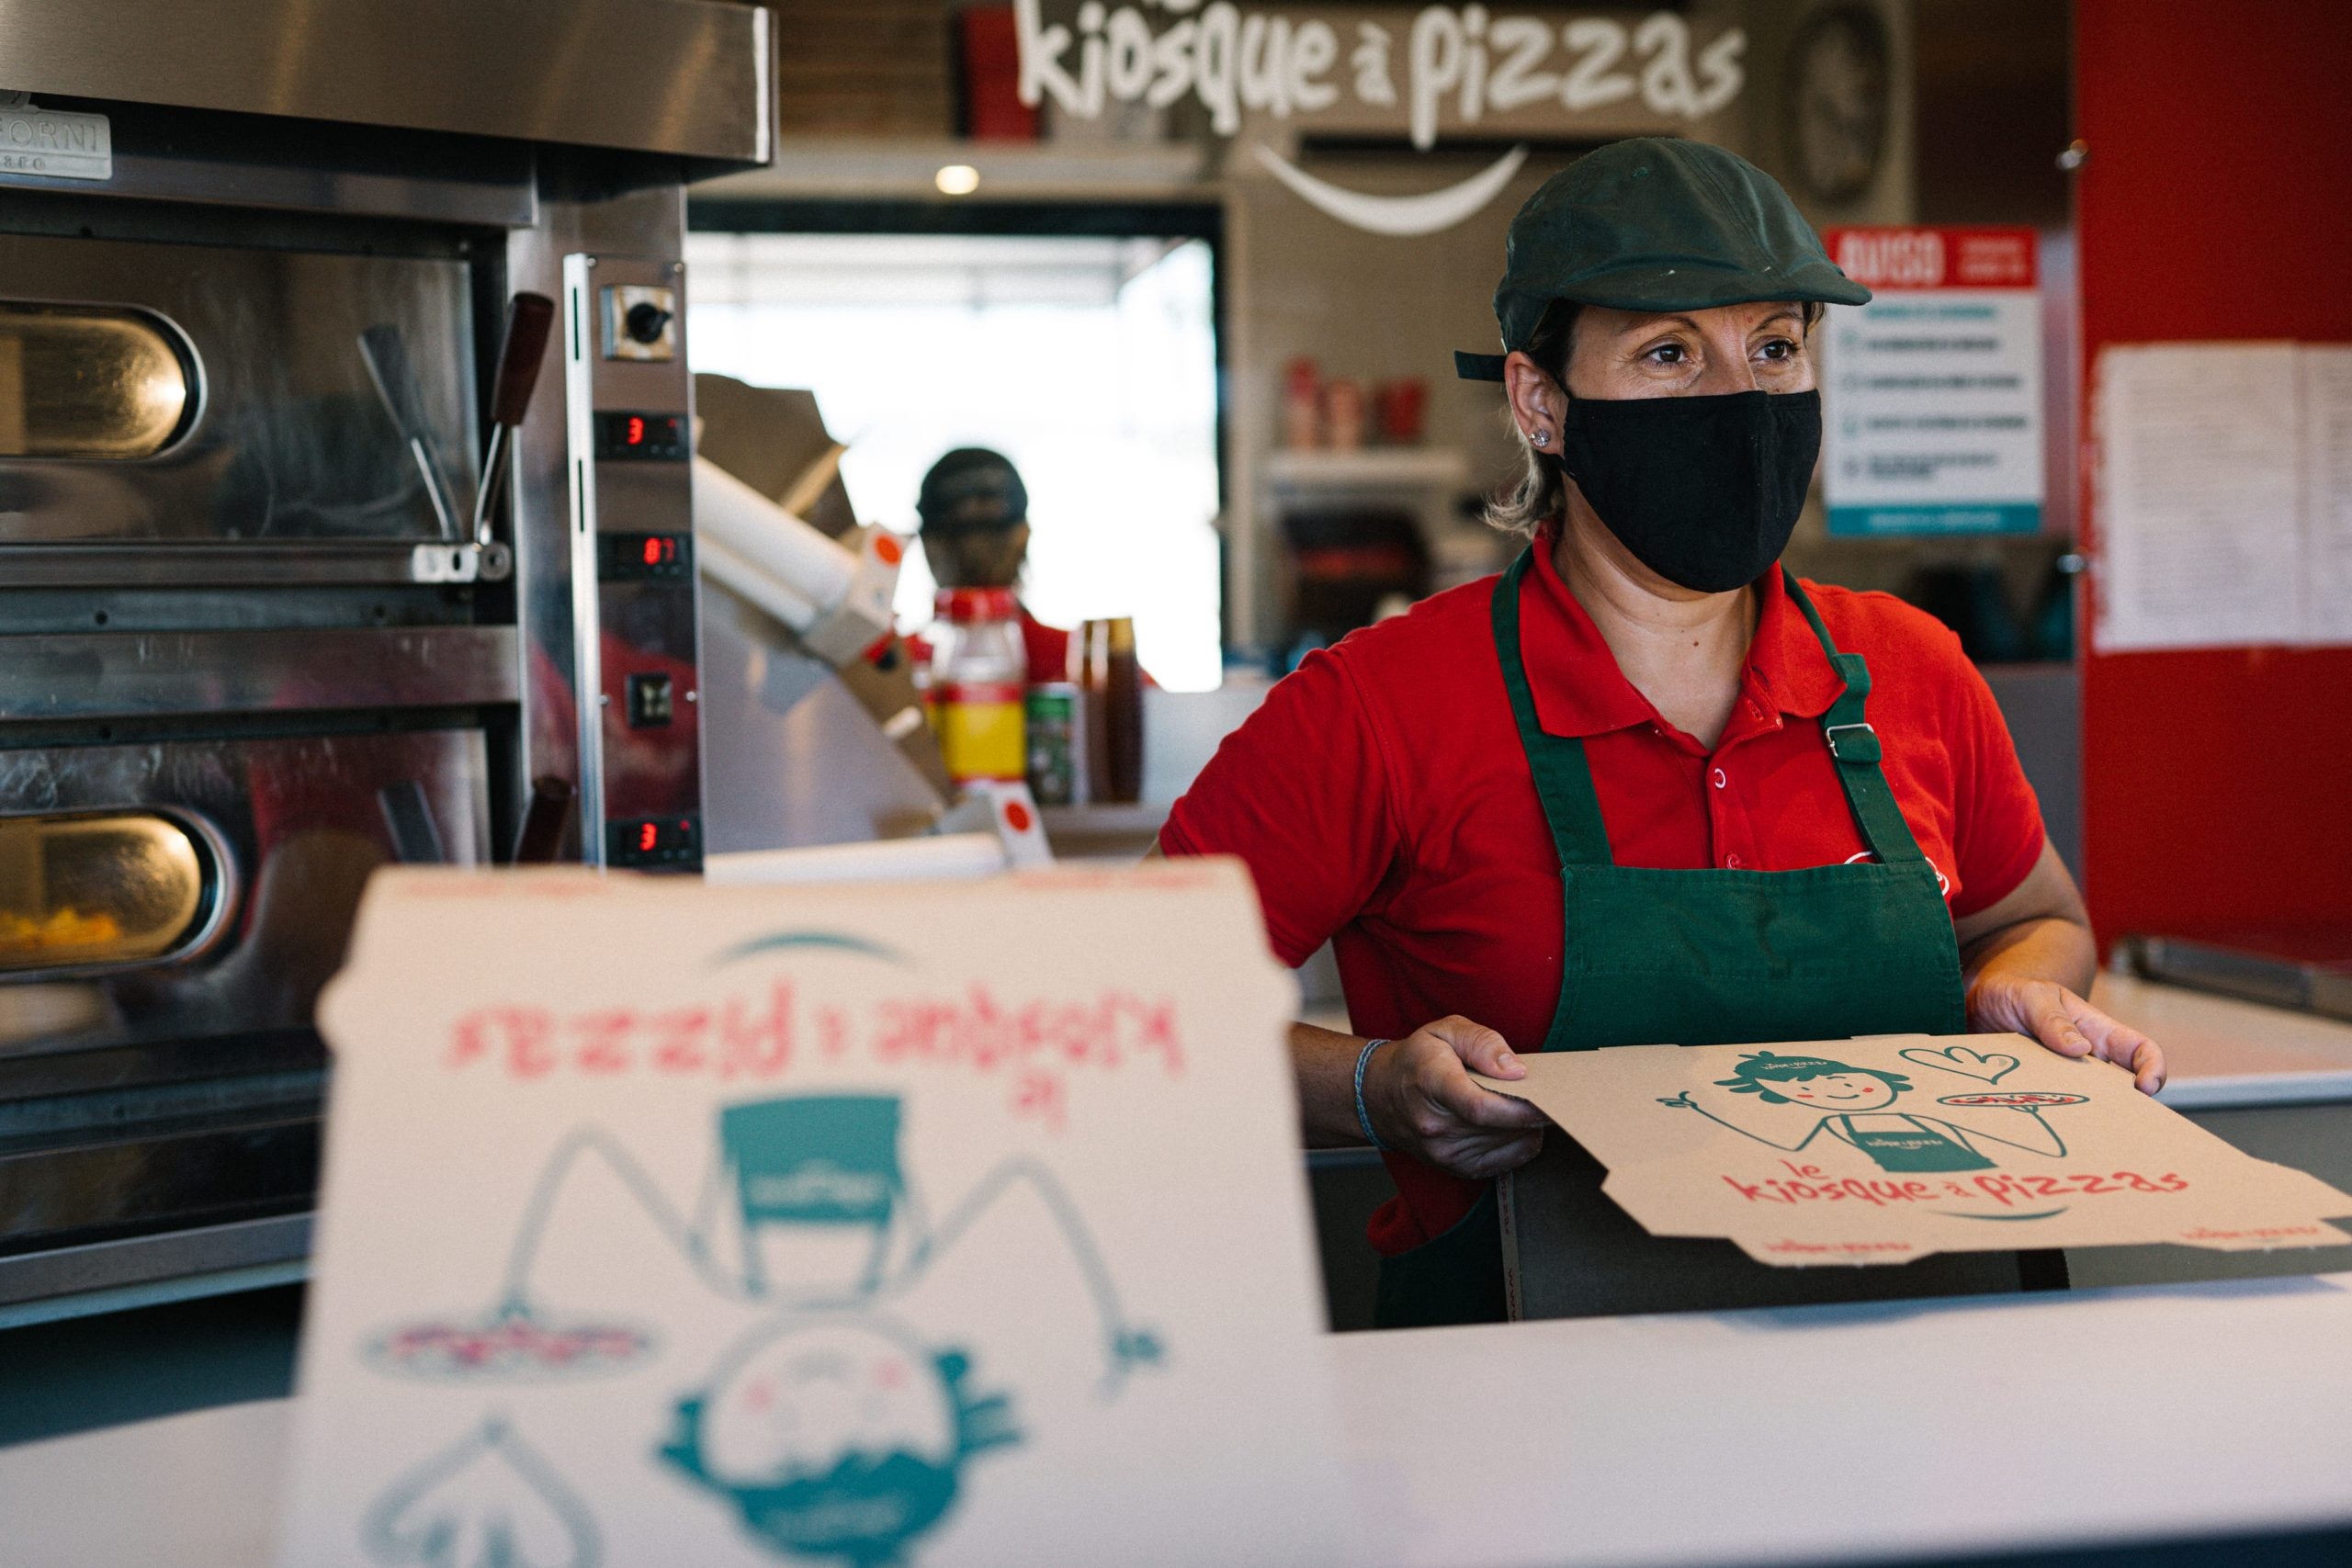 Le Kiosque à Pizzas Chaves